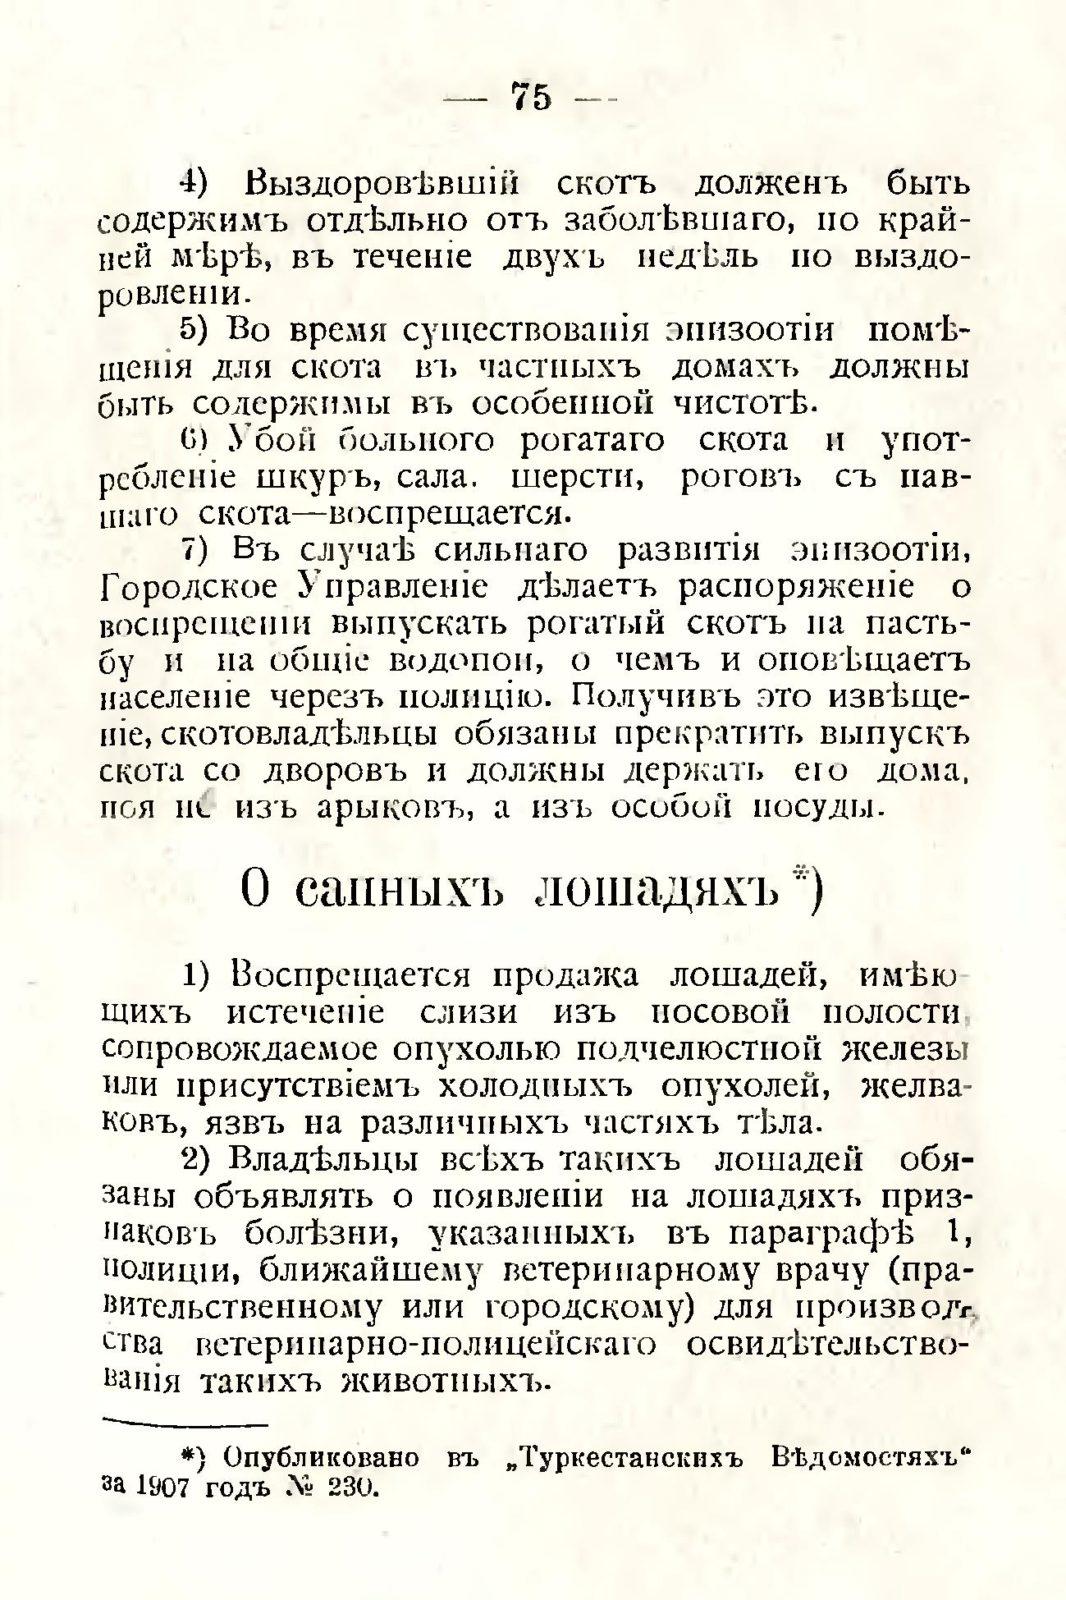 sbornik_obyazatelnyh_postanovlenii_tashkentskoi_gorodskoi_du_79